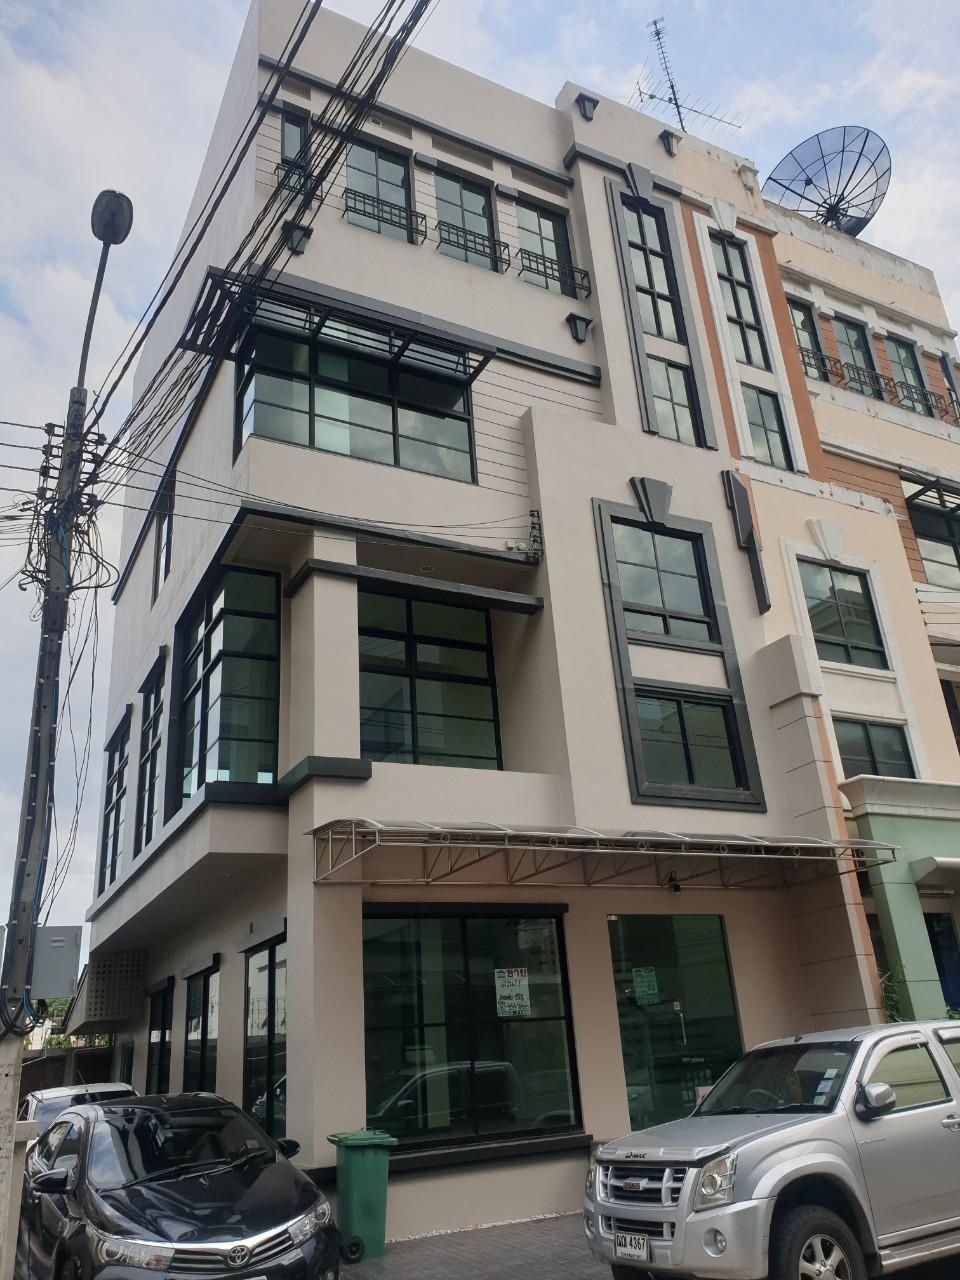 ภาพขาย/ให้เช่า Home office โฮมออฟฟิศ 4 ชั้น บ้านกลางกรุงออฟฟิศพาร์ค ลาดพร้าว 71